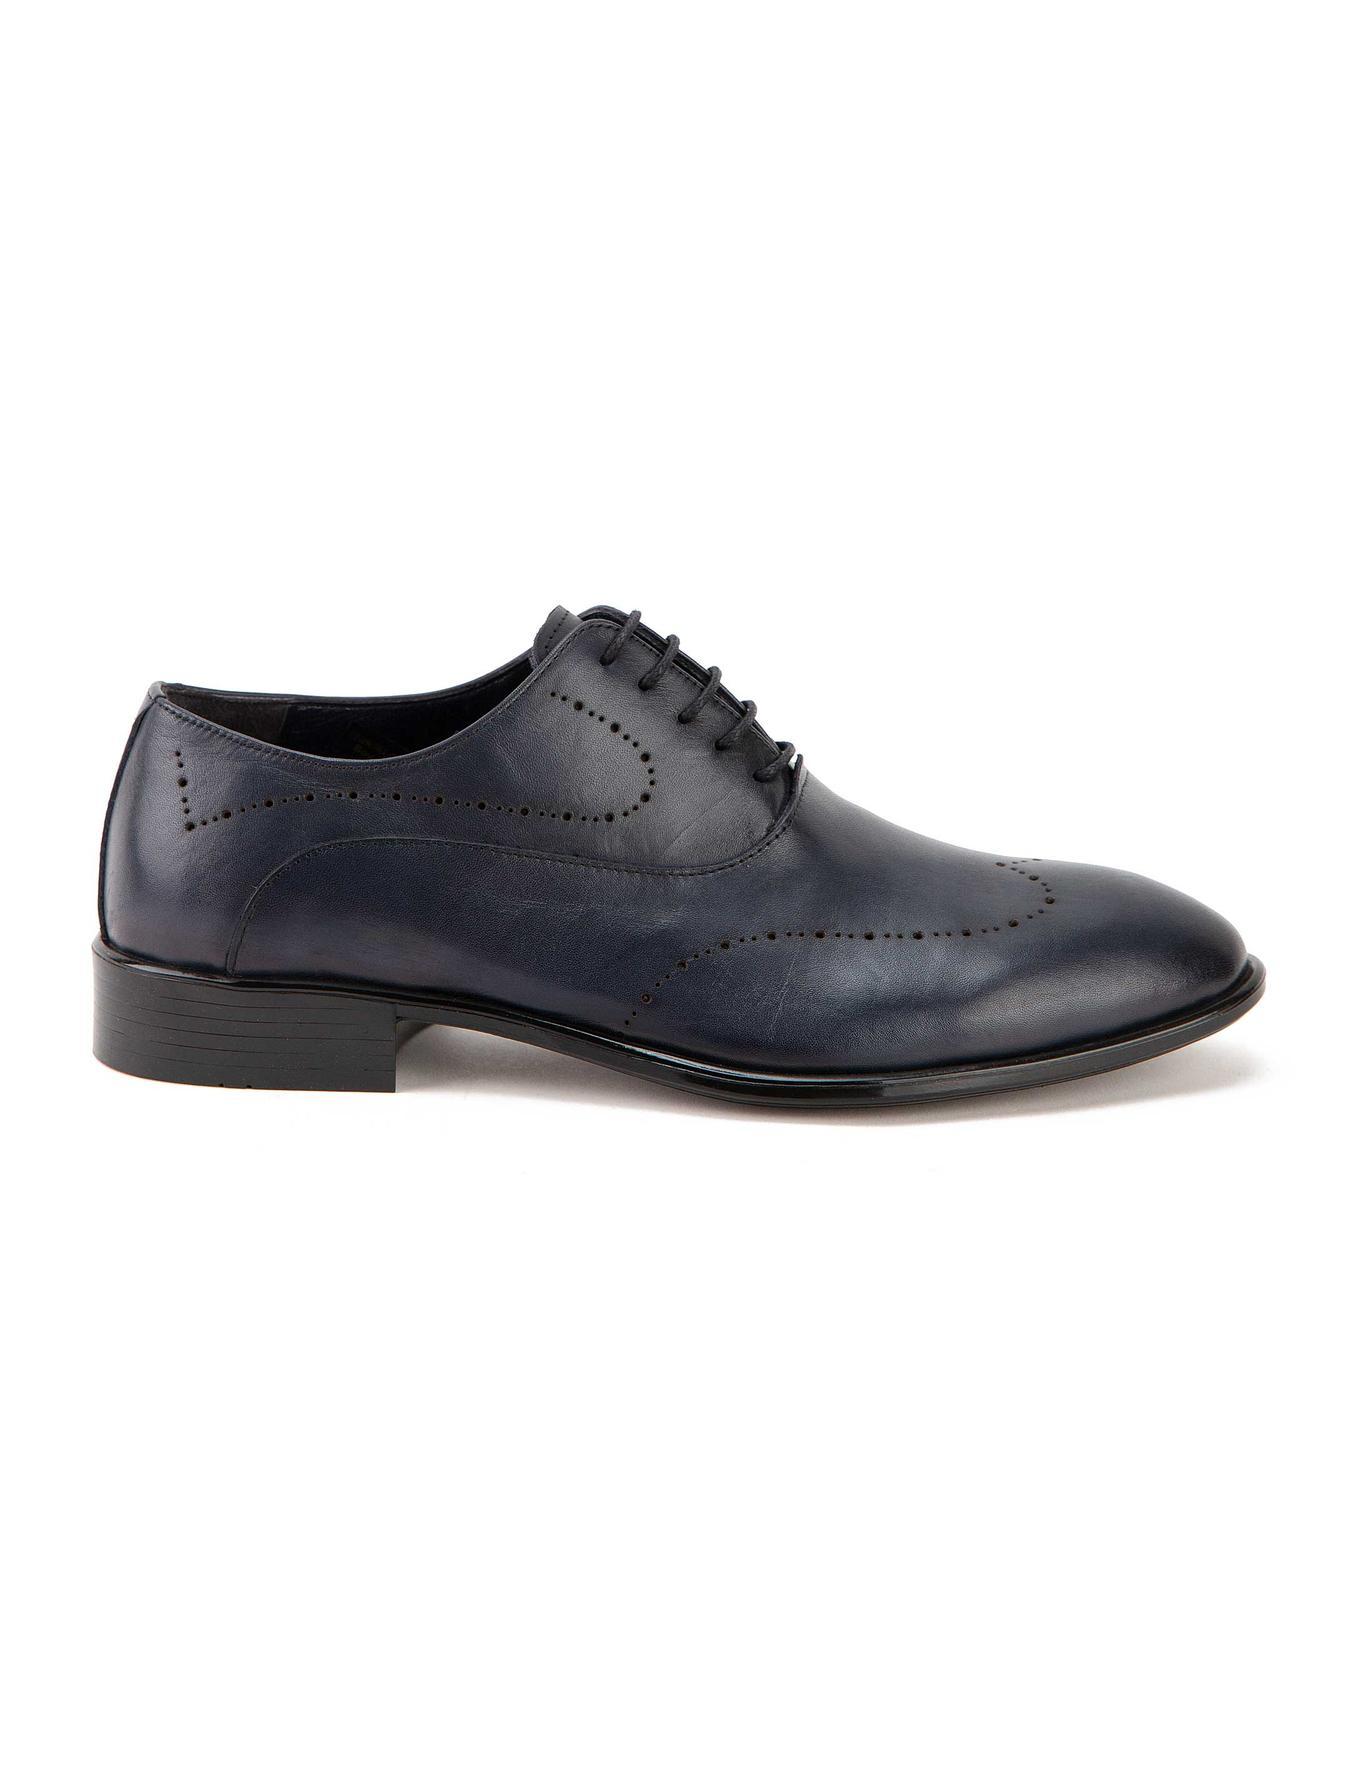 Lacivert Klasik Ayakkabı